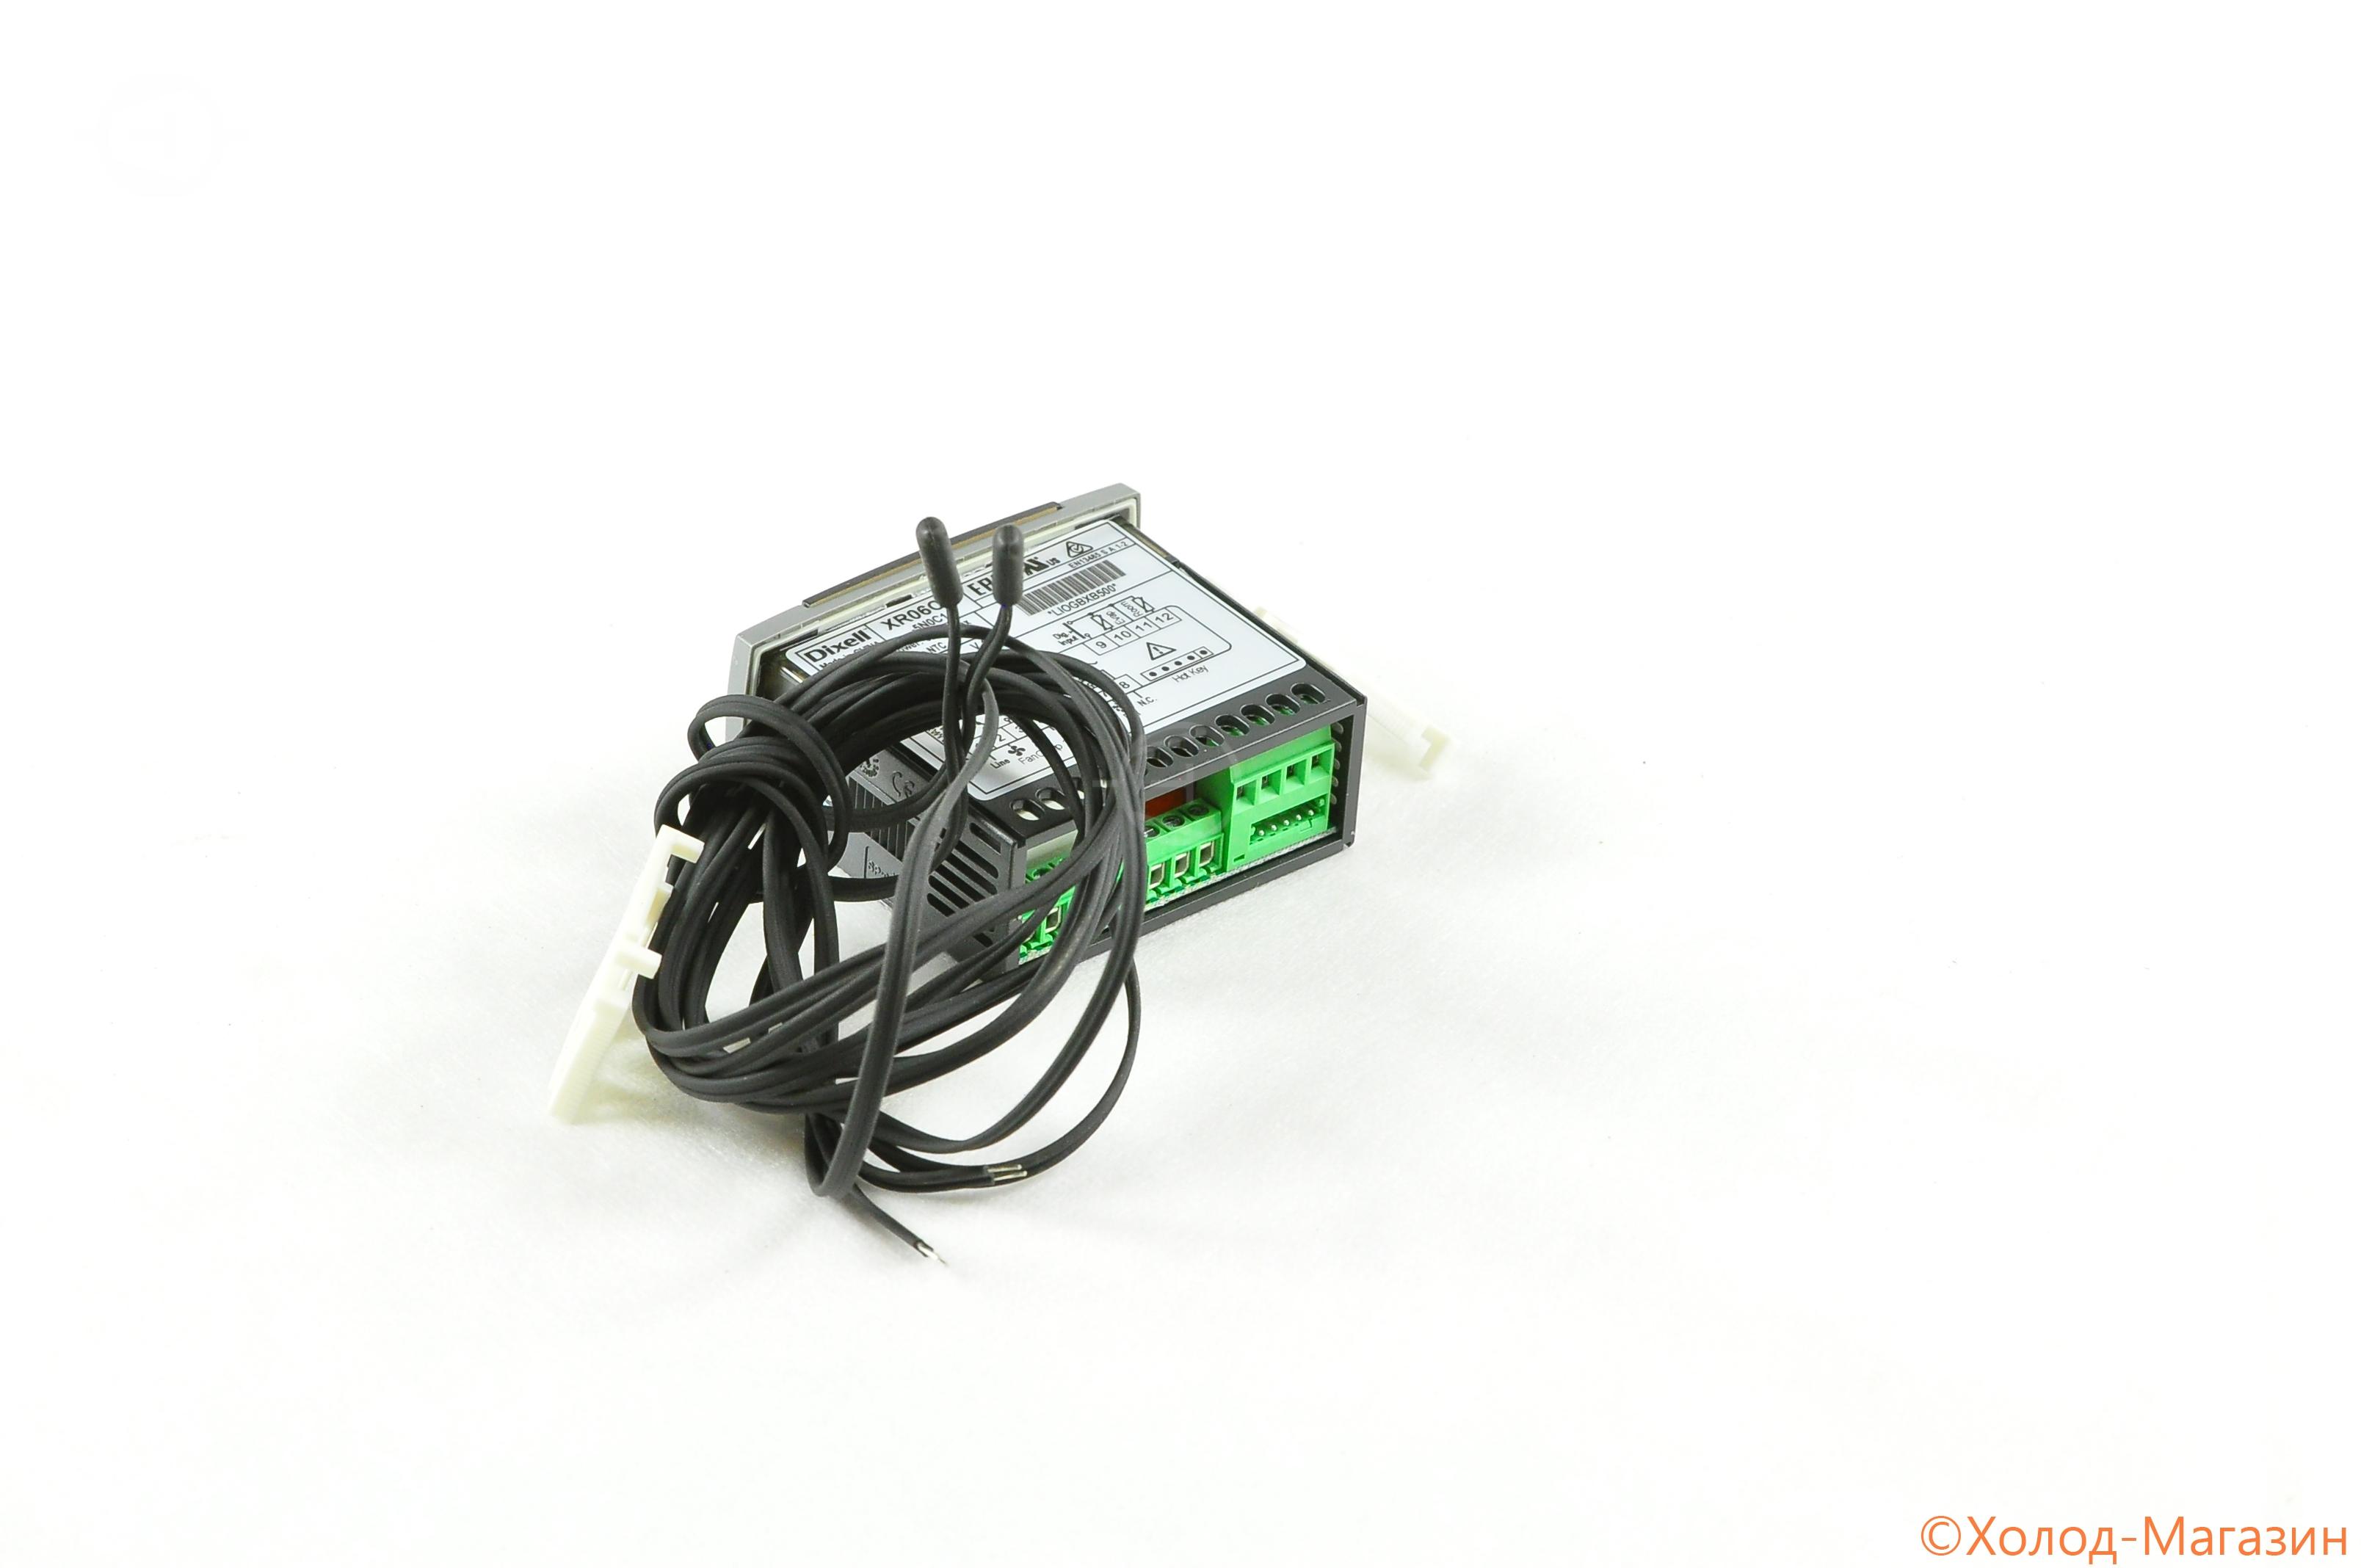 Контроллер Dixell XR06CX -5N0C1 NTC R=5+8+20+2NG6/1.5 230V